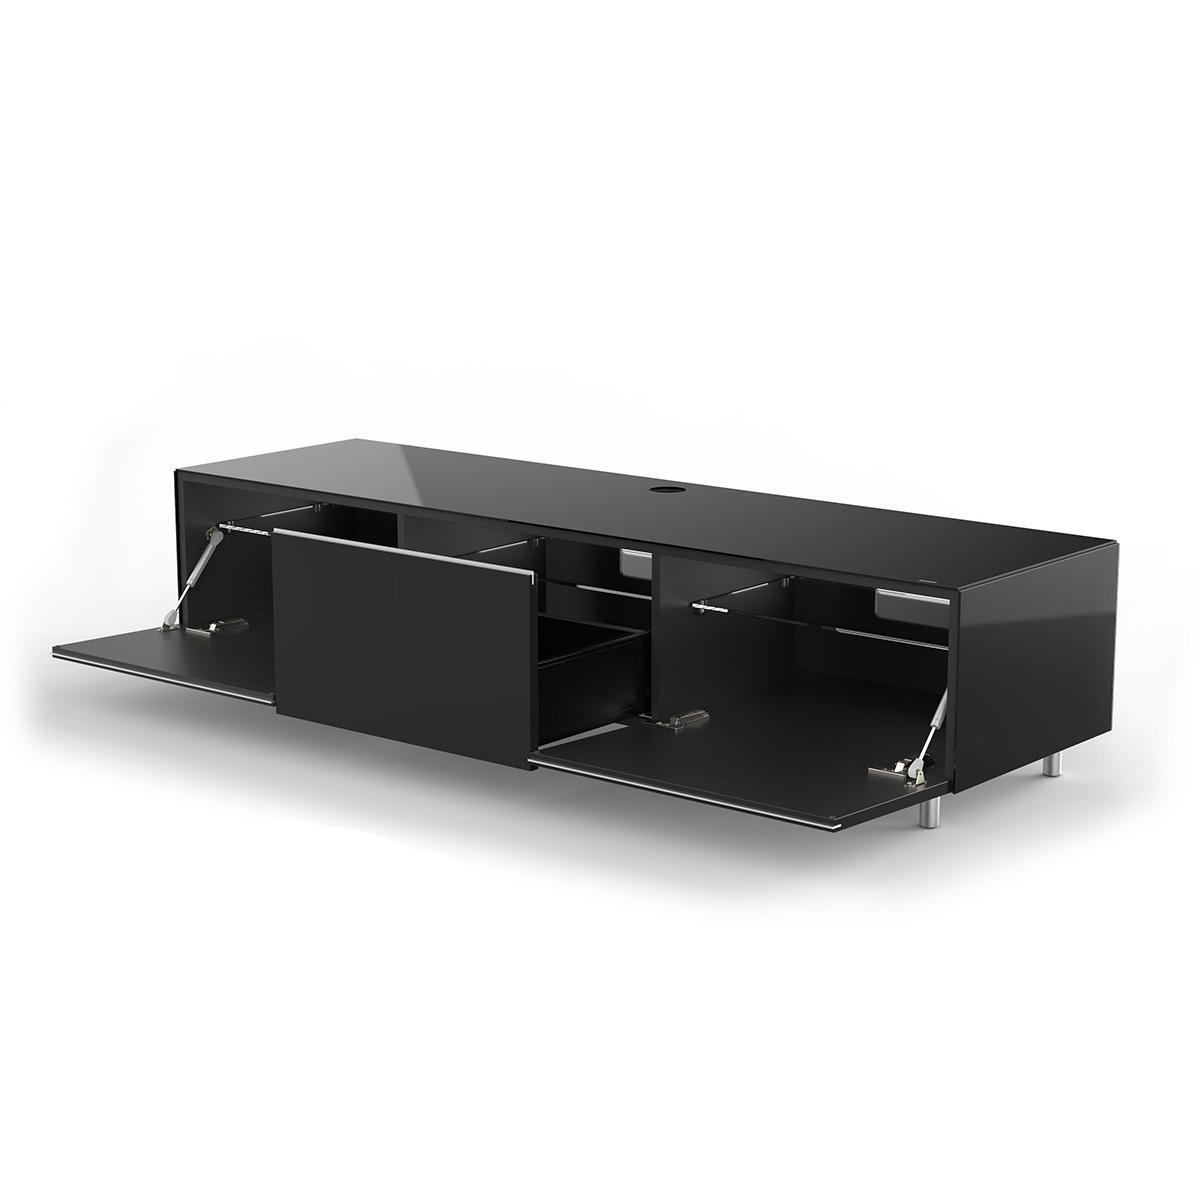 Afbeelding van Just Racks JRL1650T SNG TV meubel